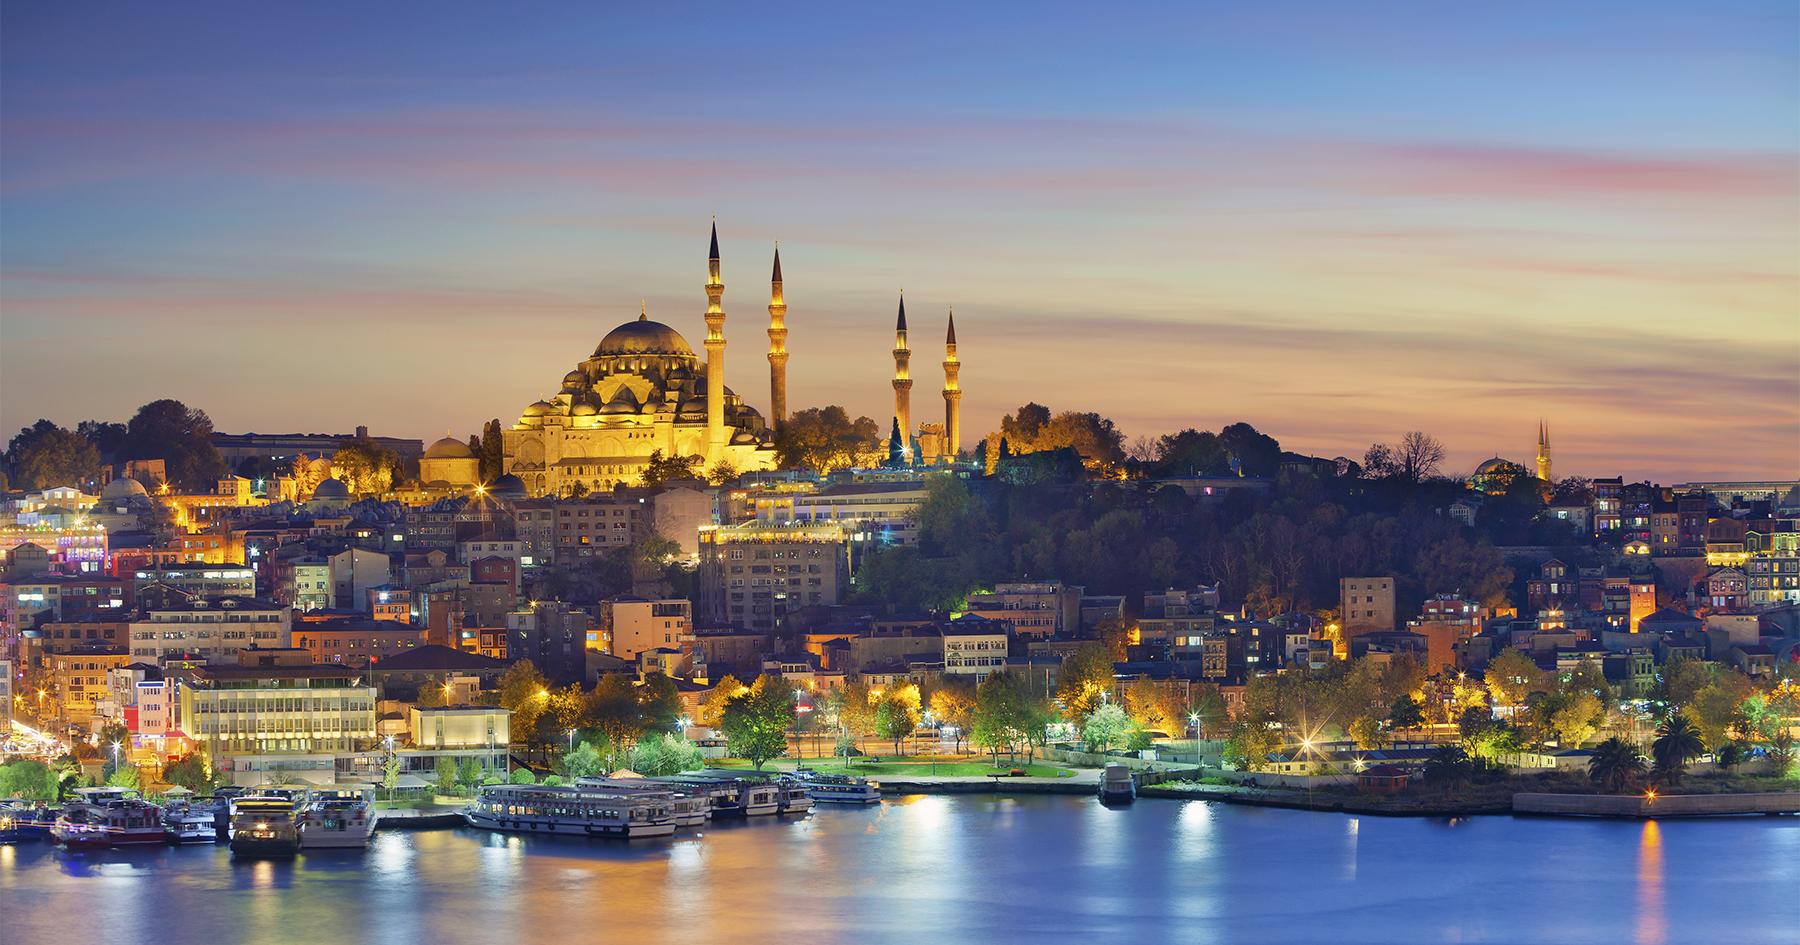 آخر المستجدات والقرارات المتعلقة بـ الاقامة في تركيا